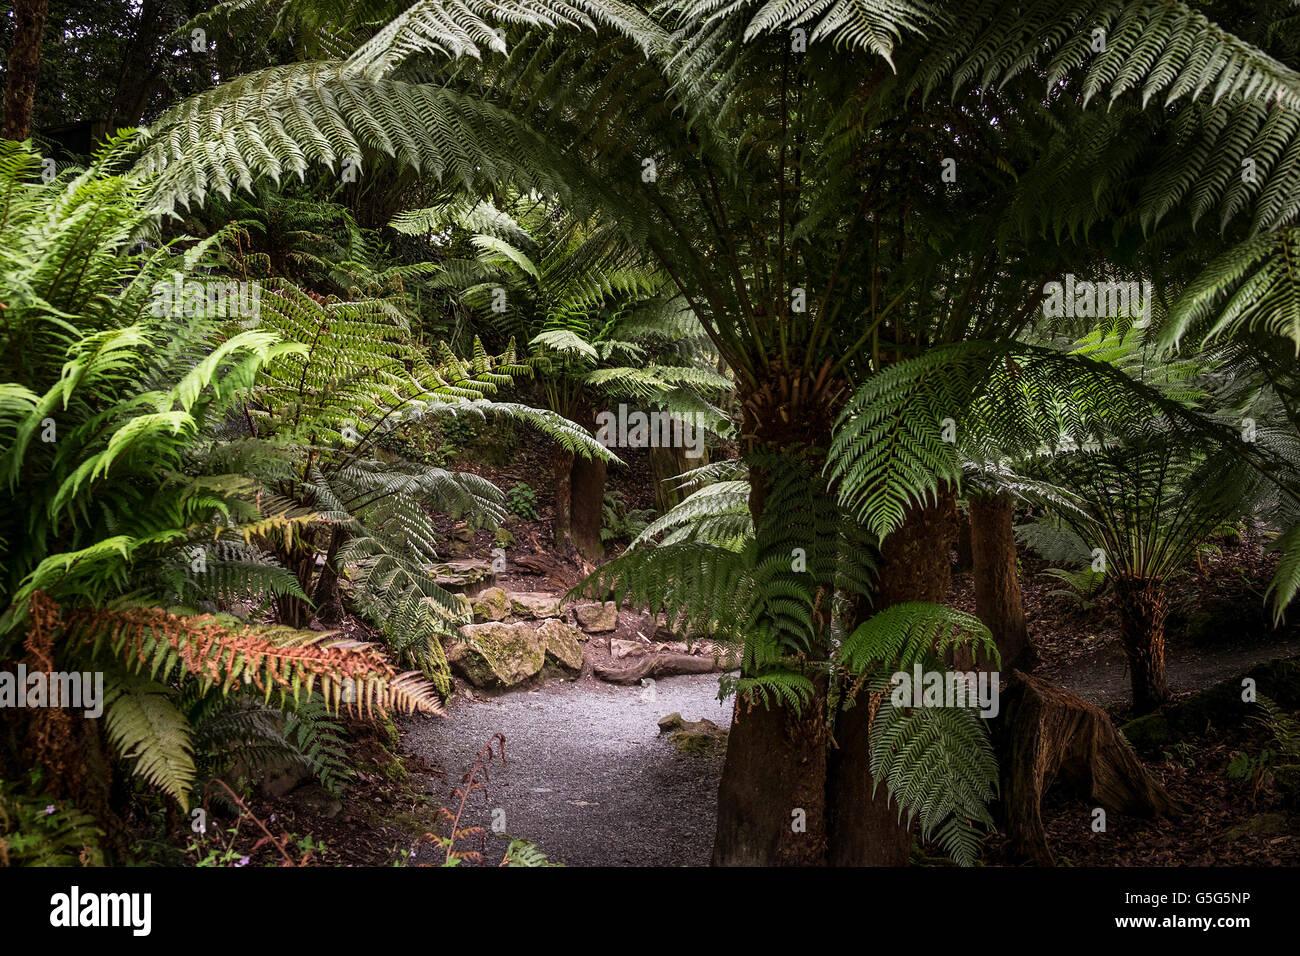 Gärten In Cornwall trebah gärten in cornwall stockfoto bild 106691250 alamy